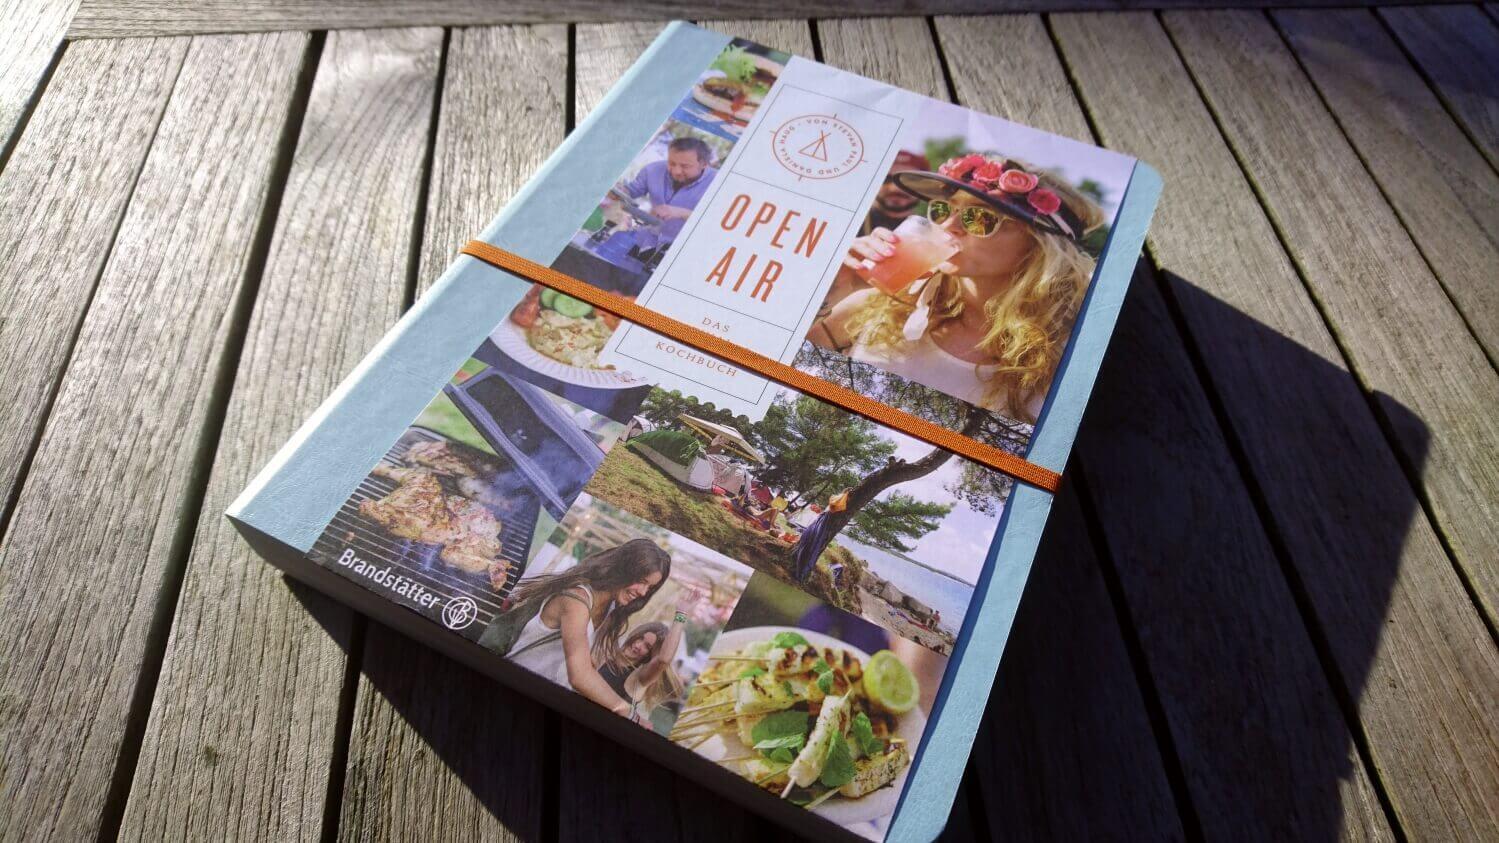 OPEN AIR Festival und Camping Kochbuch grillrezepte_OPEN AIR Festival und Camping Kochbuch 4